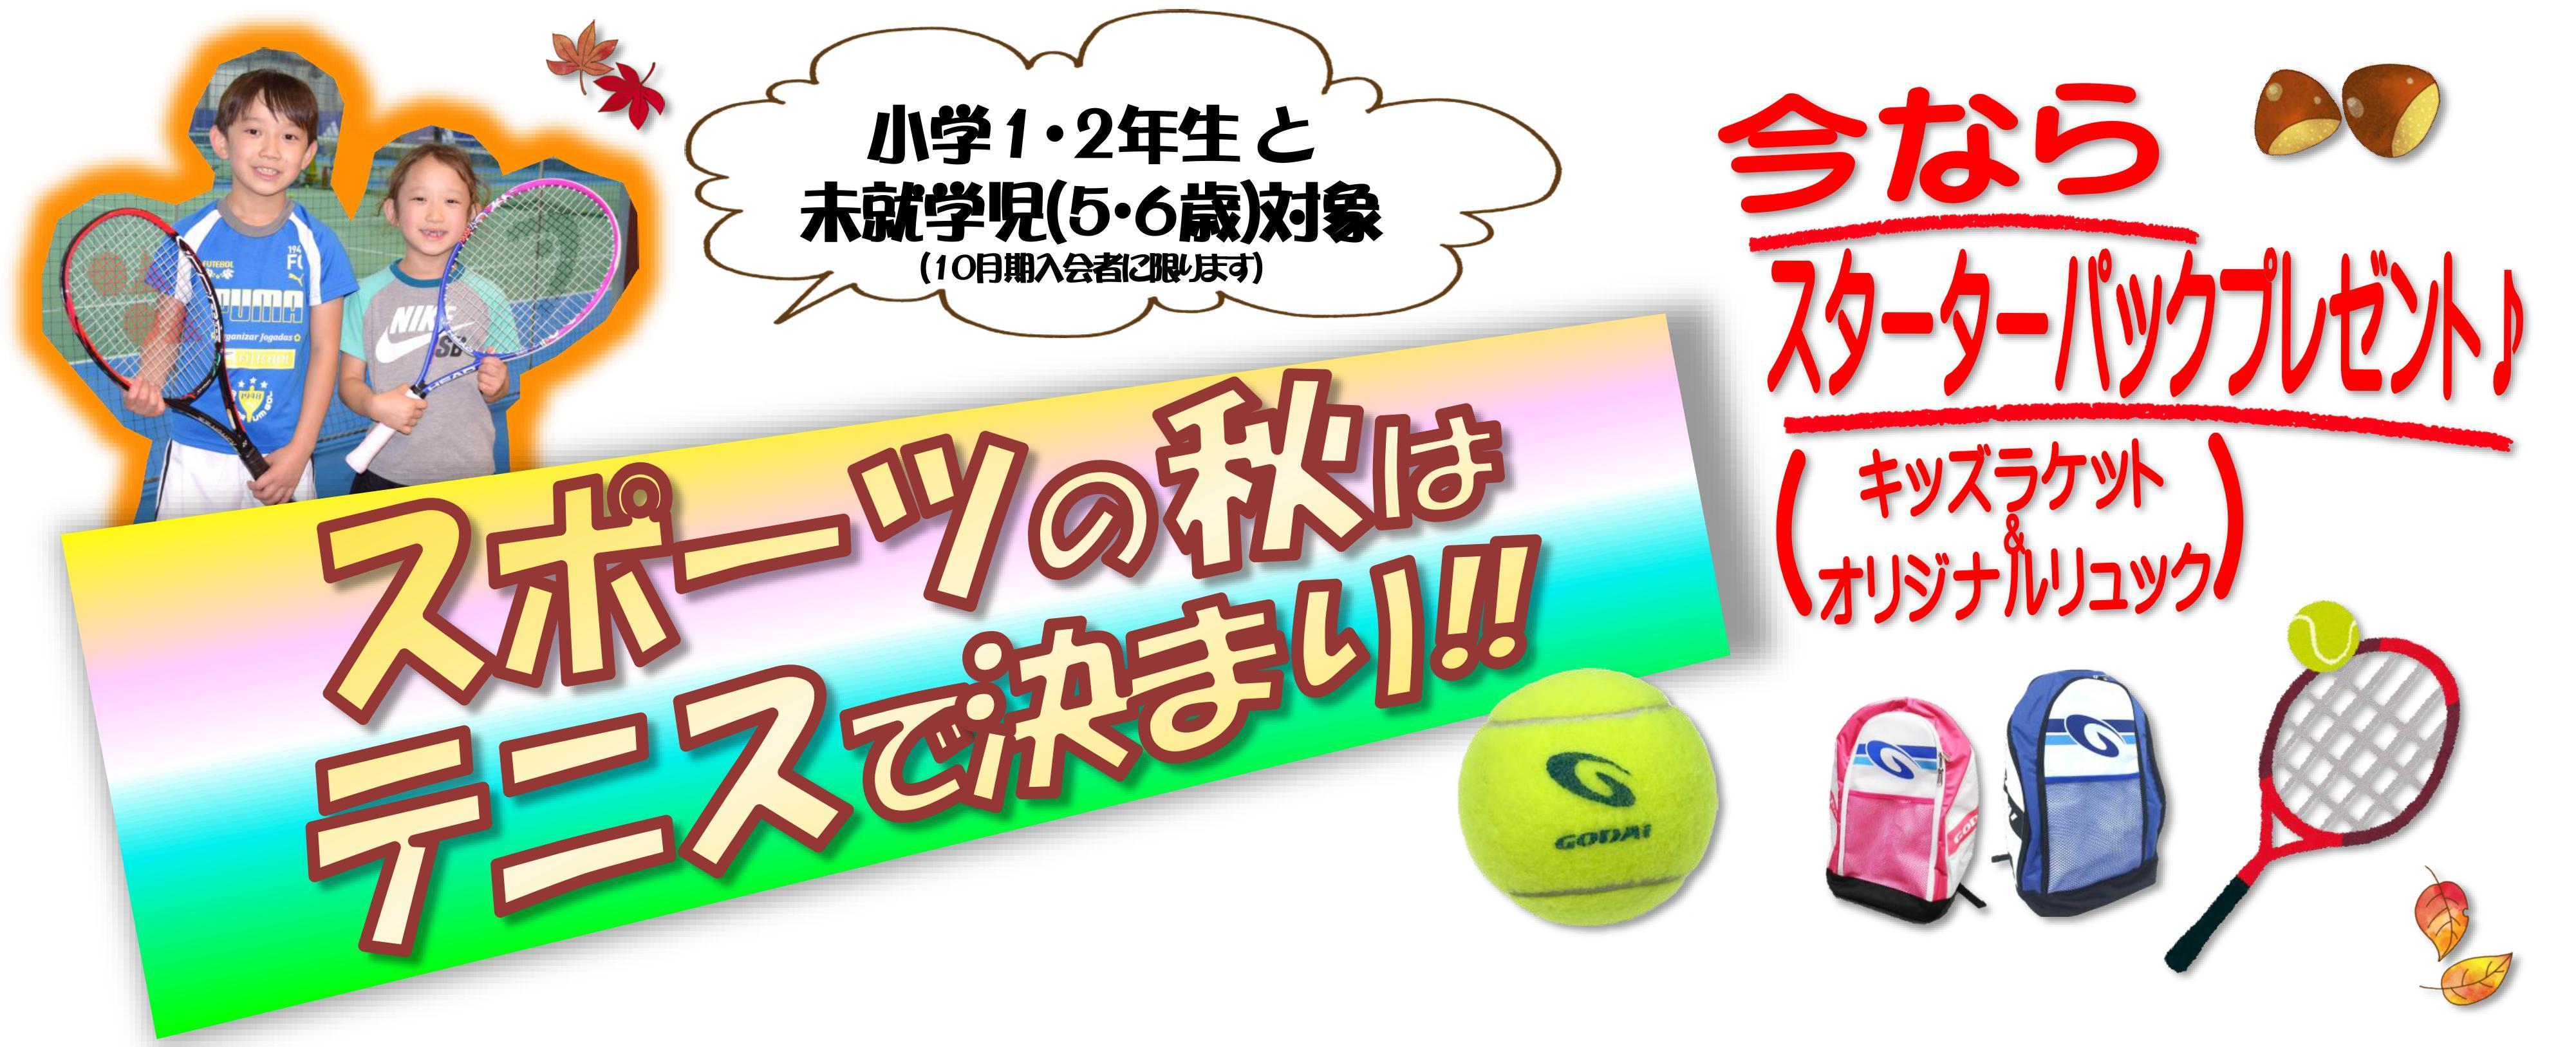 スポーツの秋はテニスで決まり!! 小学1,2年生と未就学児(5,6歳)対象体験レッスン